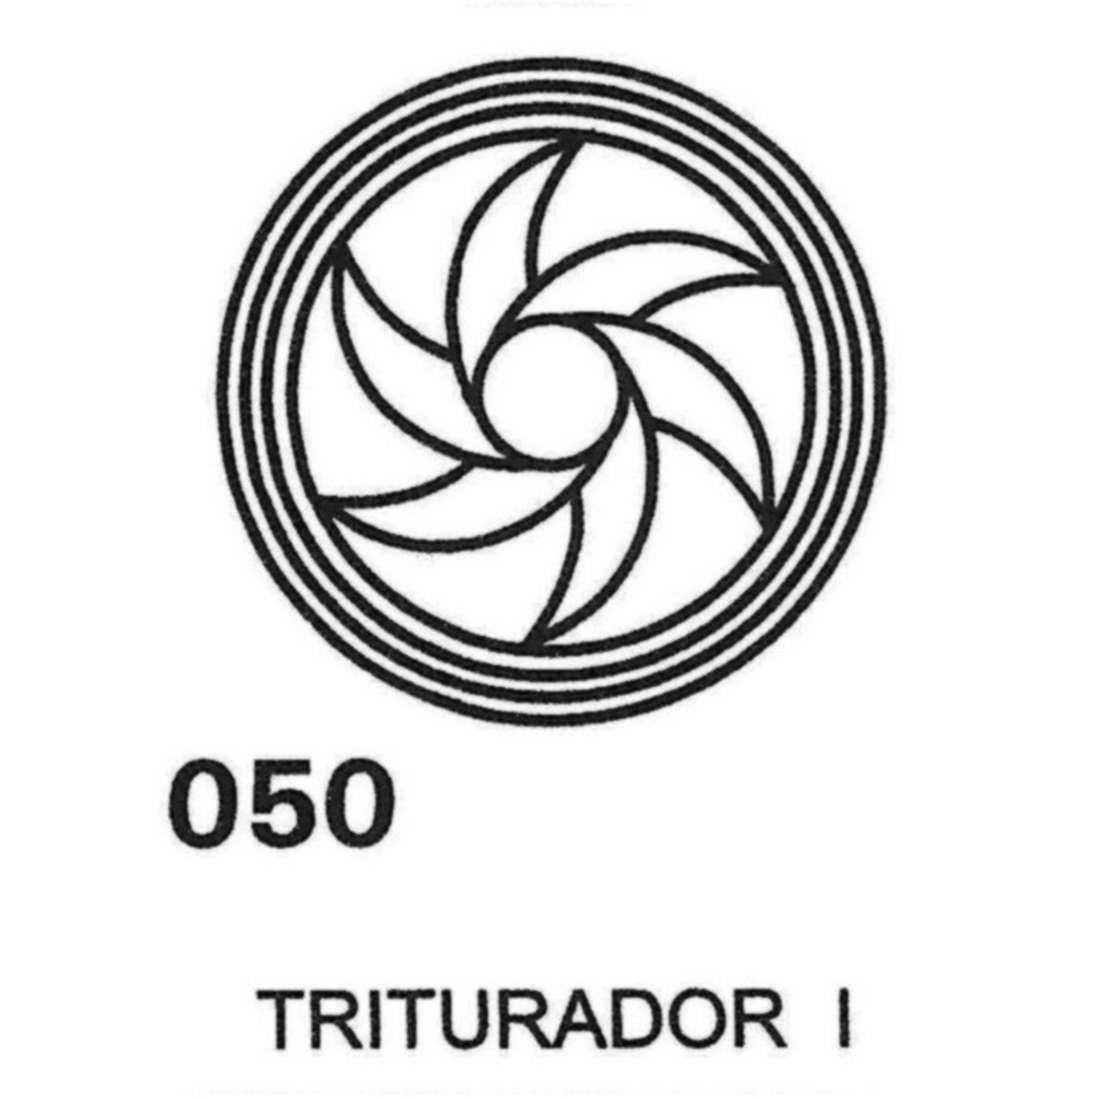 Gráfico Triturador I PVC 2200